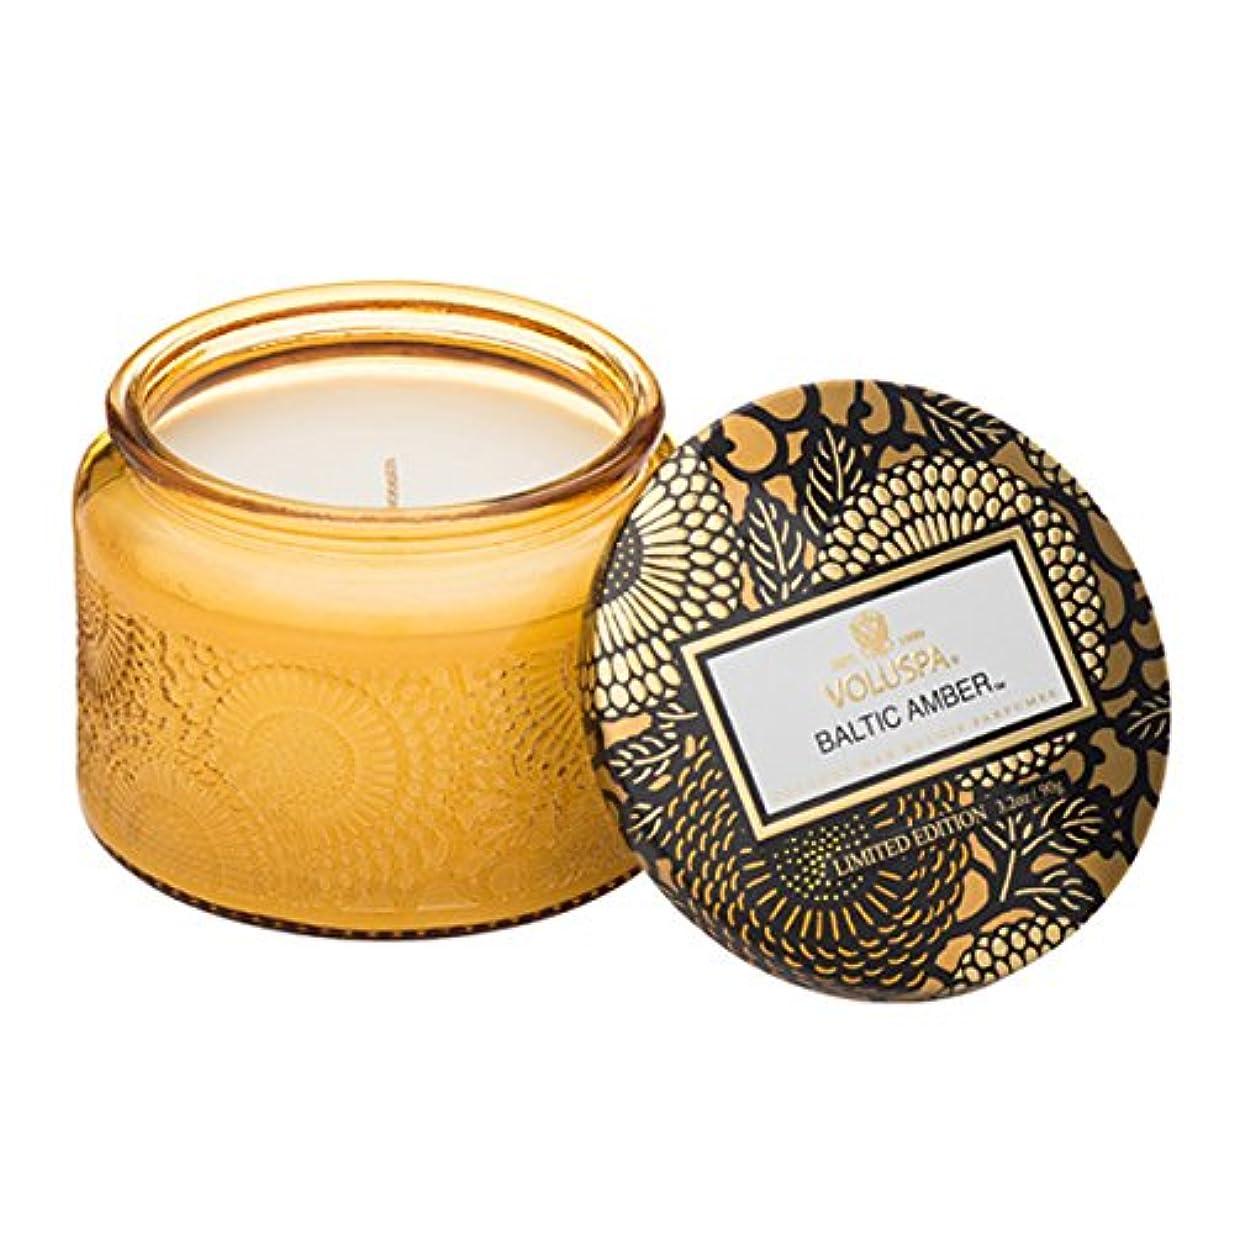 お母さん表示図Voluspa ボルスパ ジャポニカ リミテッド グラスジャーキャンドル  S バルティックアンバー BALTIC AMBER JAPONICA Limited PETITE EMBOSSED Glass jar candle